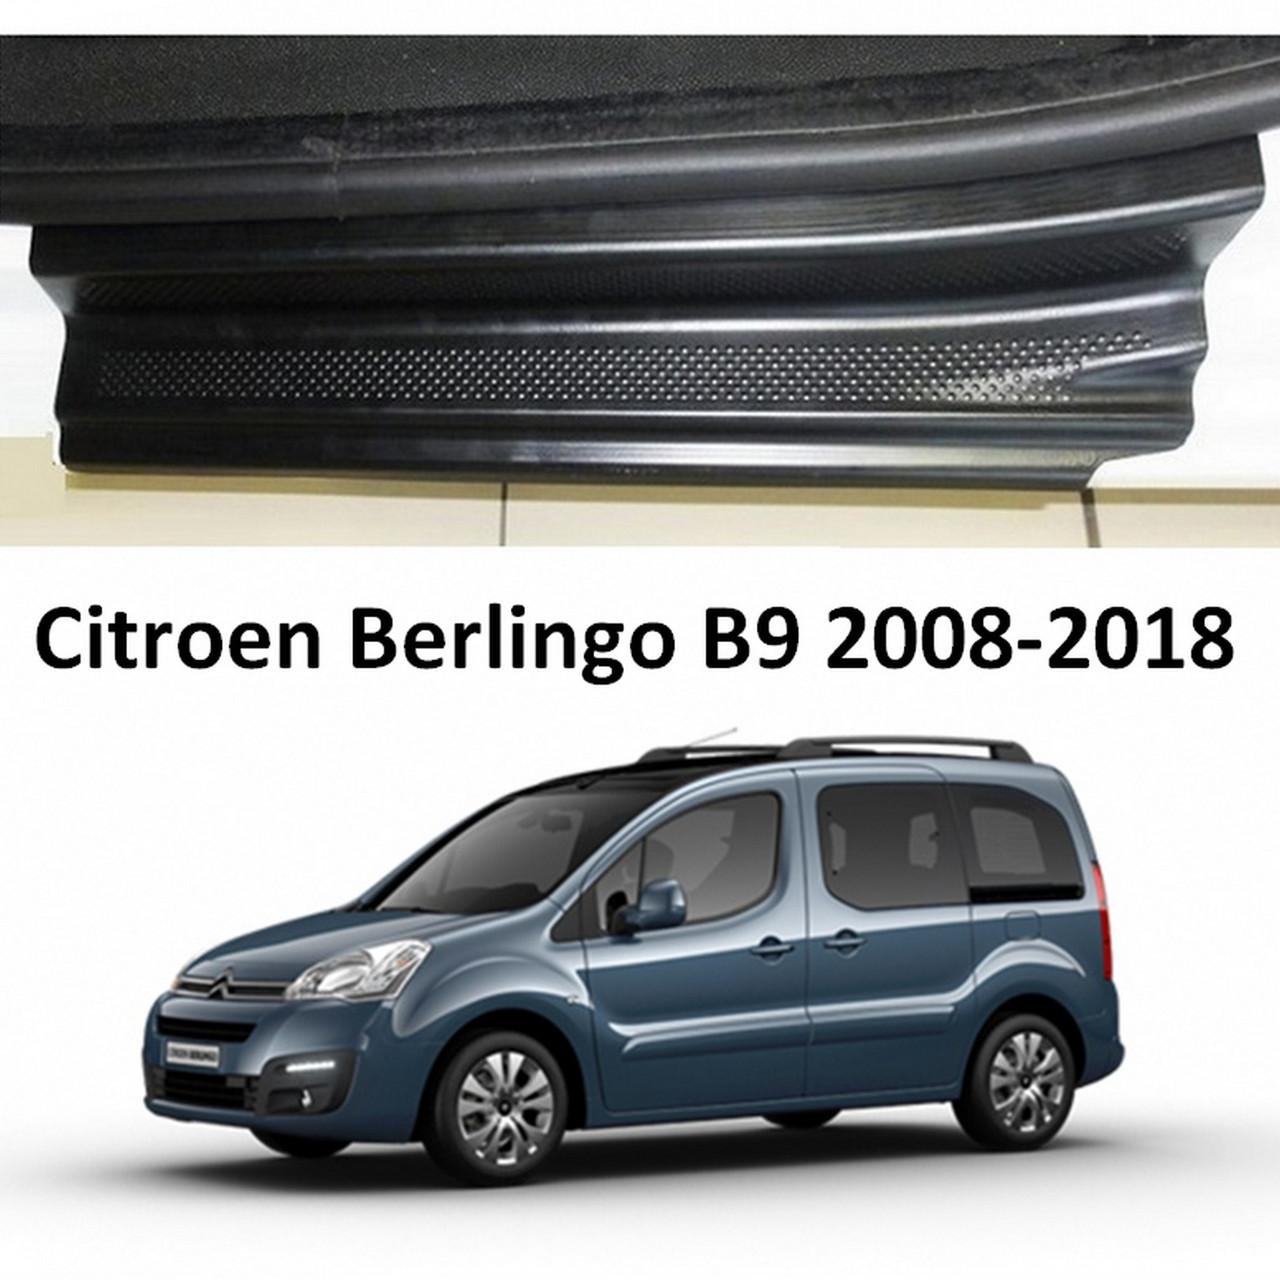 Пластиковые защитные накладки на пороги для Citroen Berlingo II / Peugeot Partner II B9 2008-2018